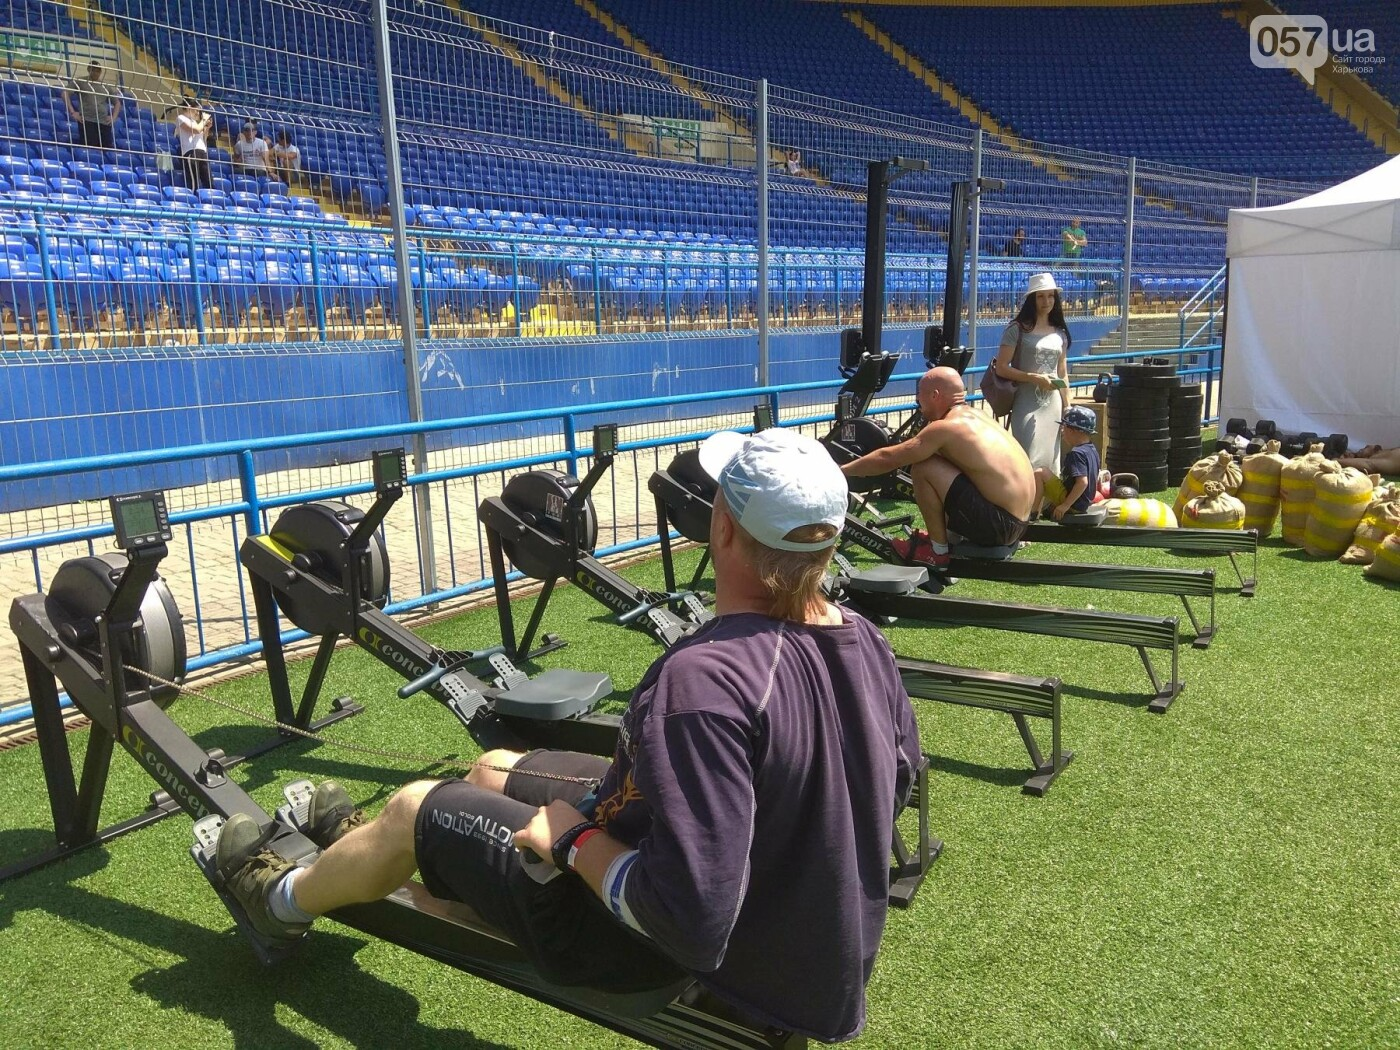 Фитнес и силовые упражнения. Как в Харькове проходят соревнования по кроссфиту, - ФОТО, фото-2